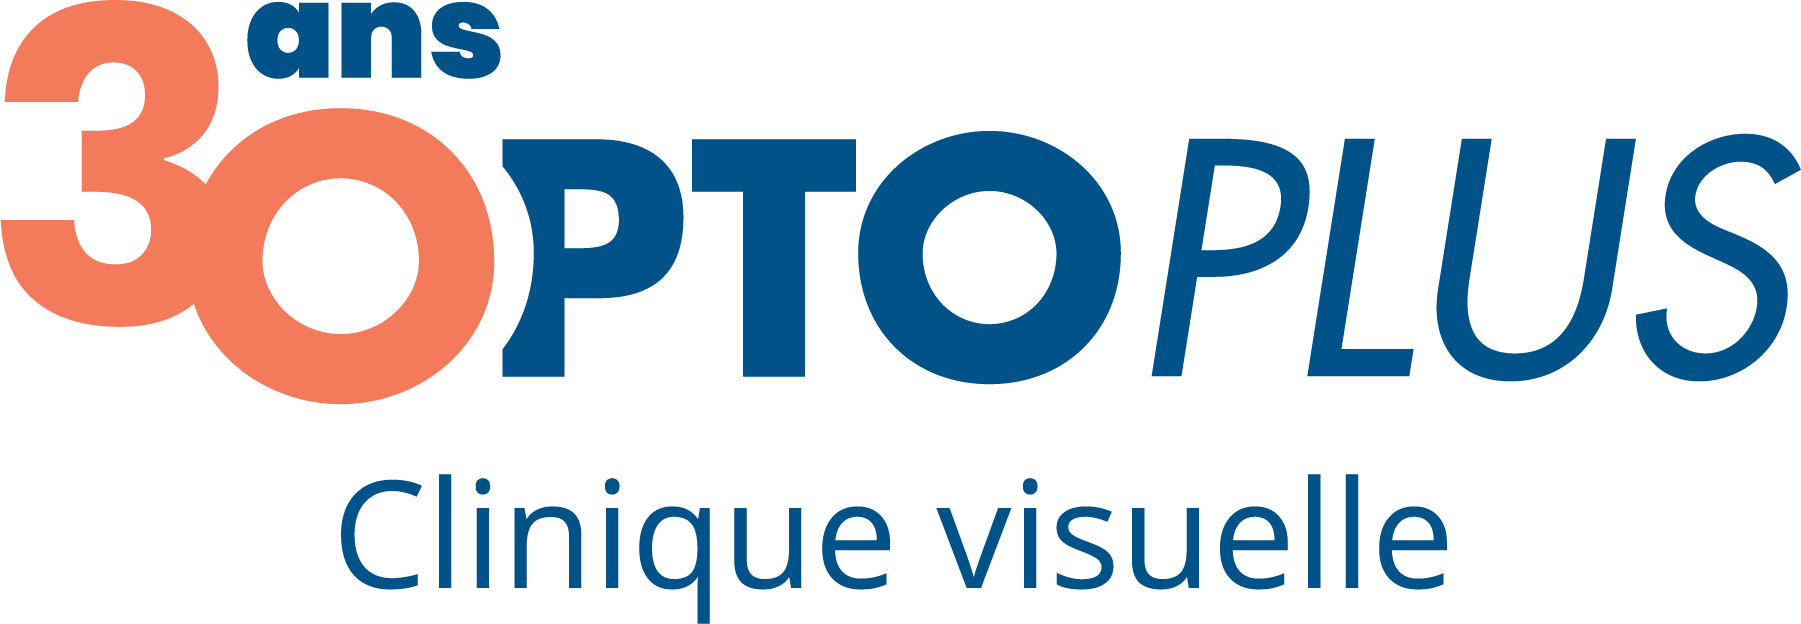 Optoplus